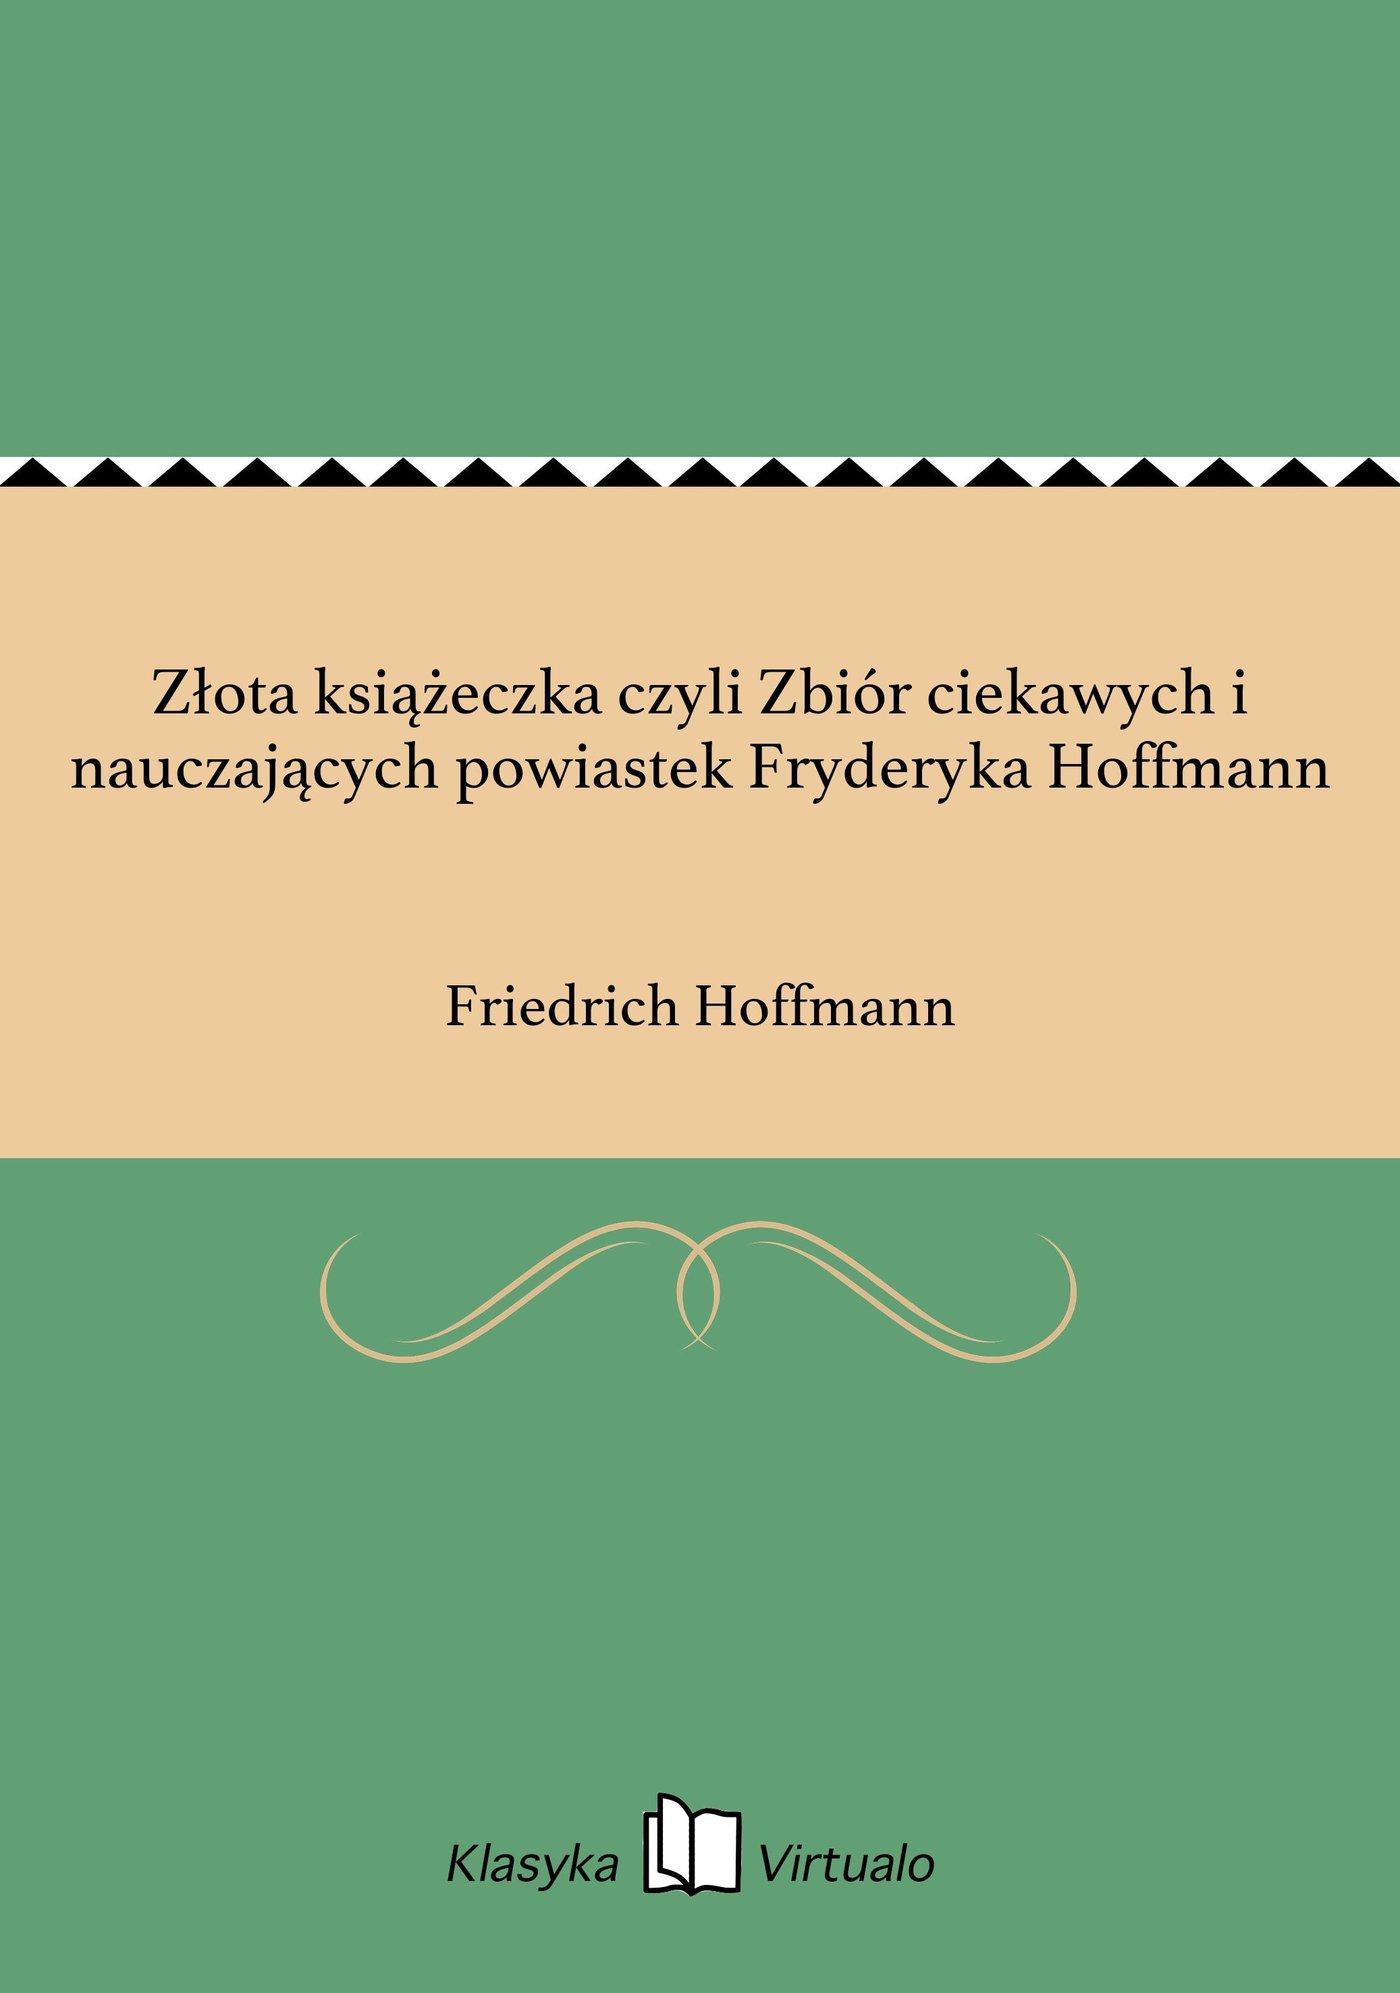 Złota książeczka czyli Zbiór ciekawych i nauczających powiastek Fryderyka Hoffmann - Ebook (Książka EPUB) do pobrania w formacie EPUB